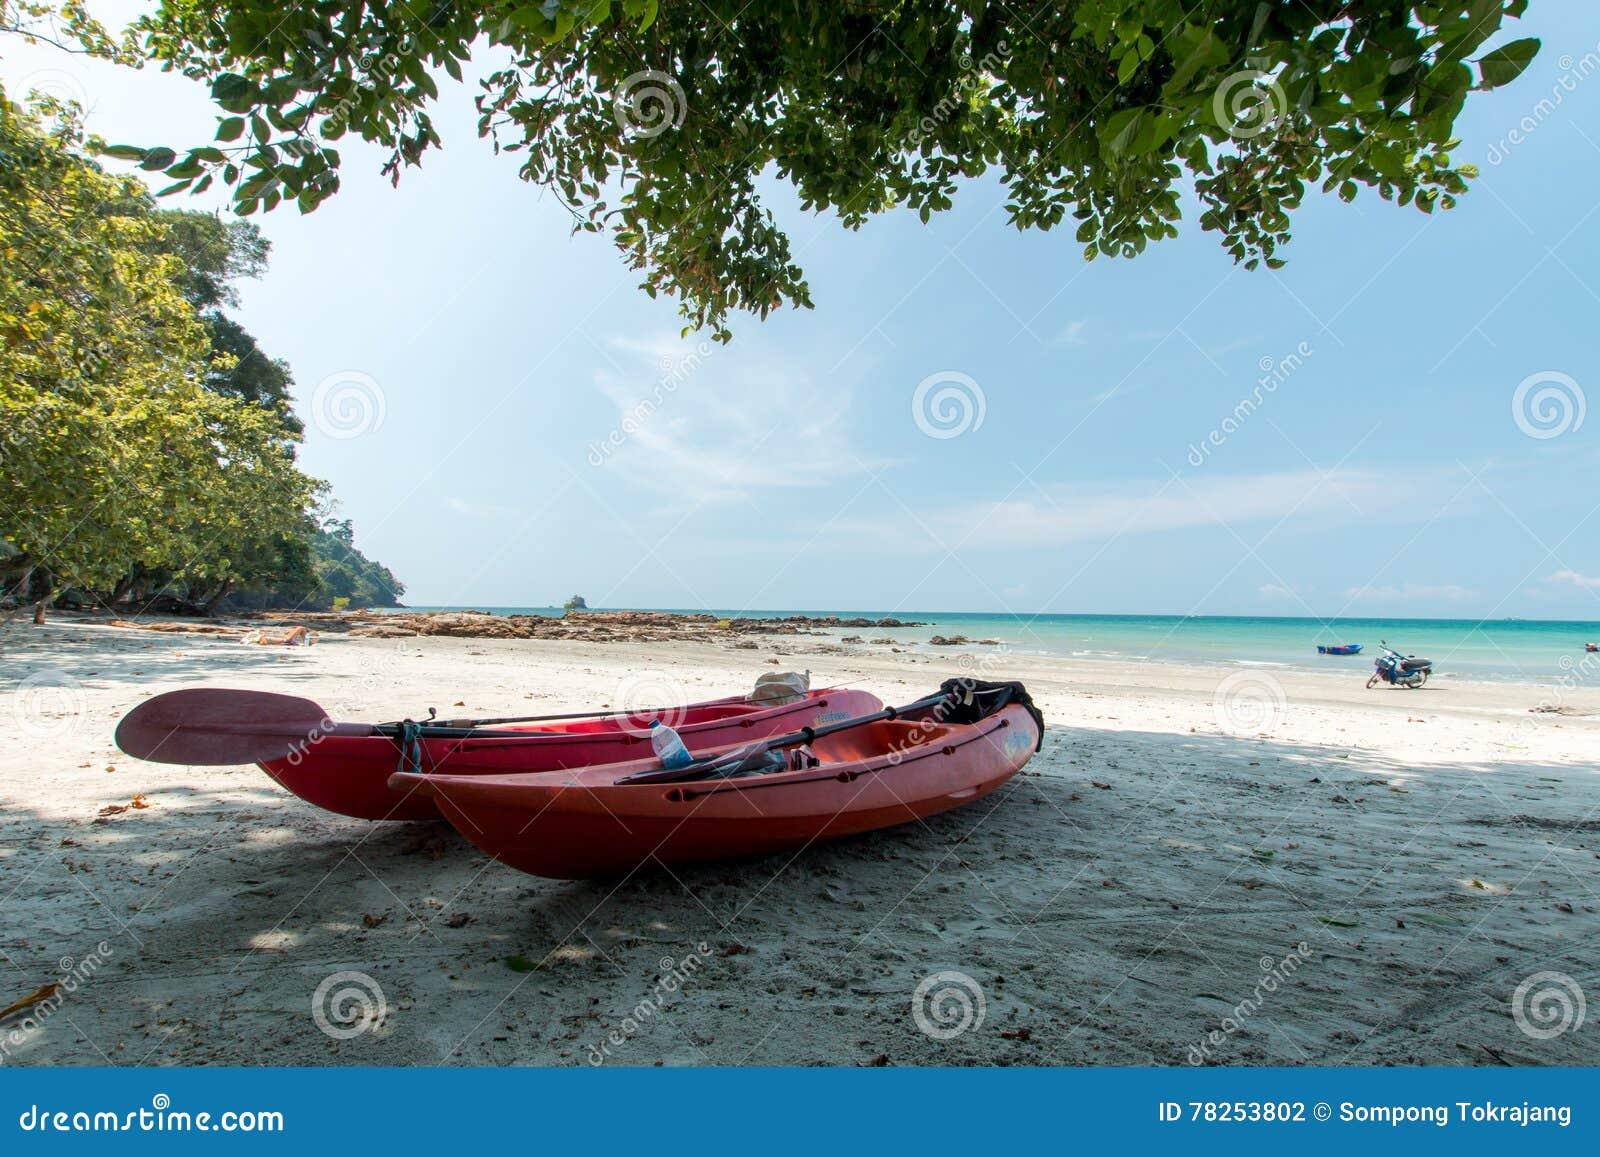 Καγιάκ στην τροπική παραλία, Ταϊλάνδη